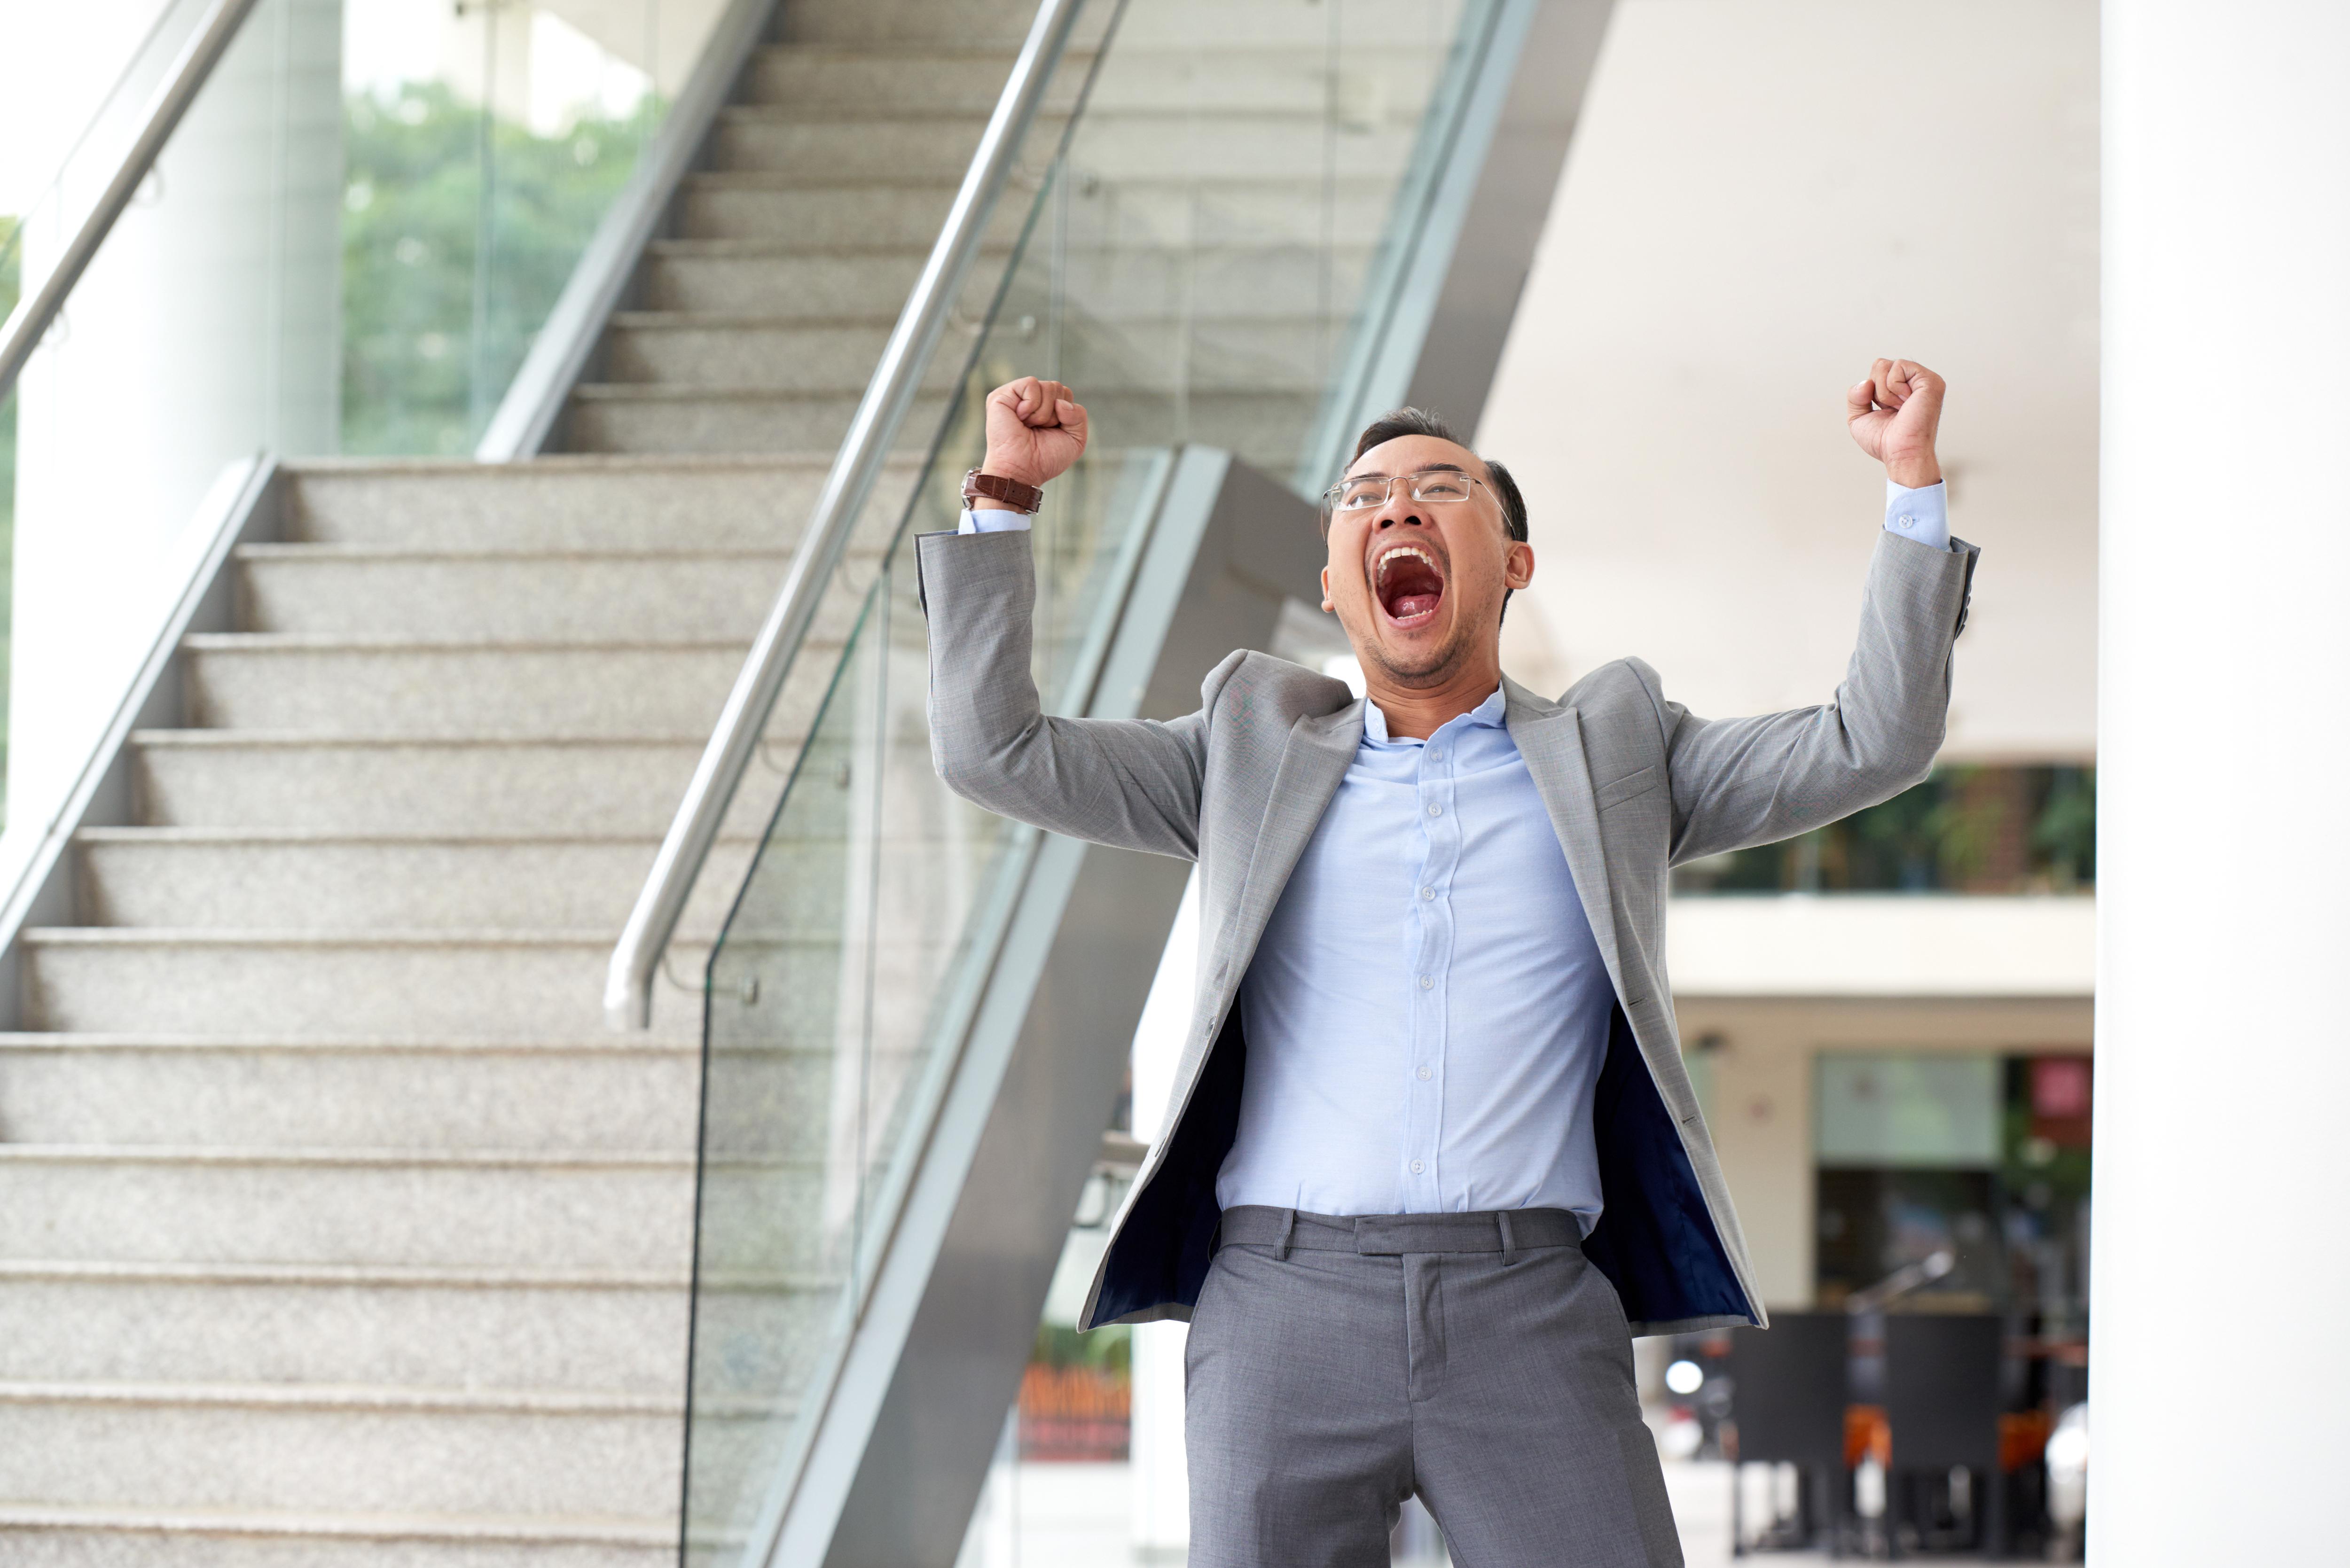 Metas para vendedores: exemplos práticos para você conquistar o sucesso da sua empresa